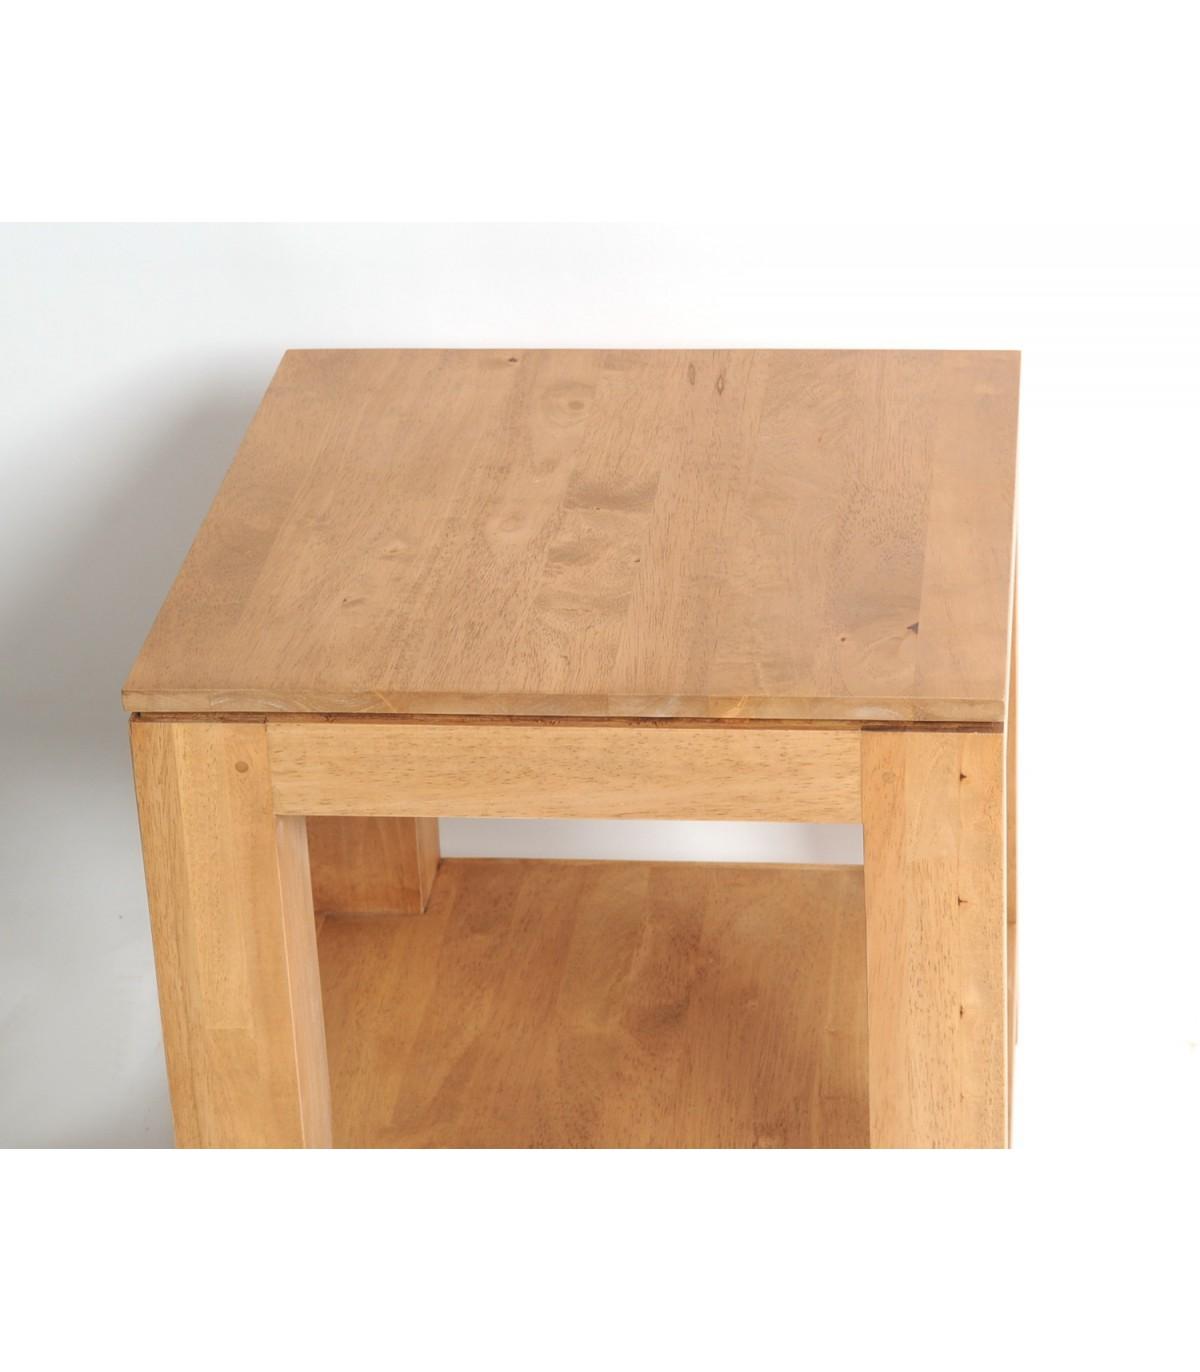 Table De Chevet Coin De Canape Bois Hevea Meuble Teck